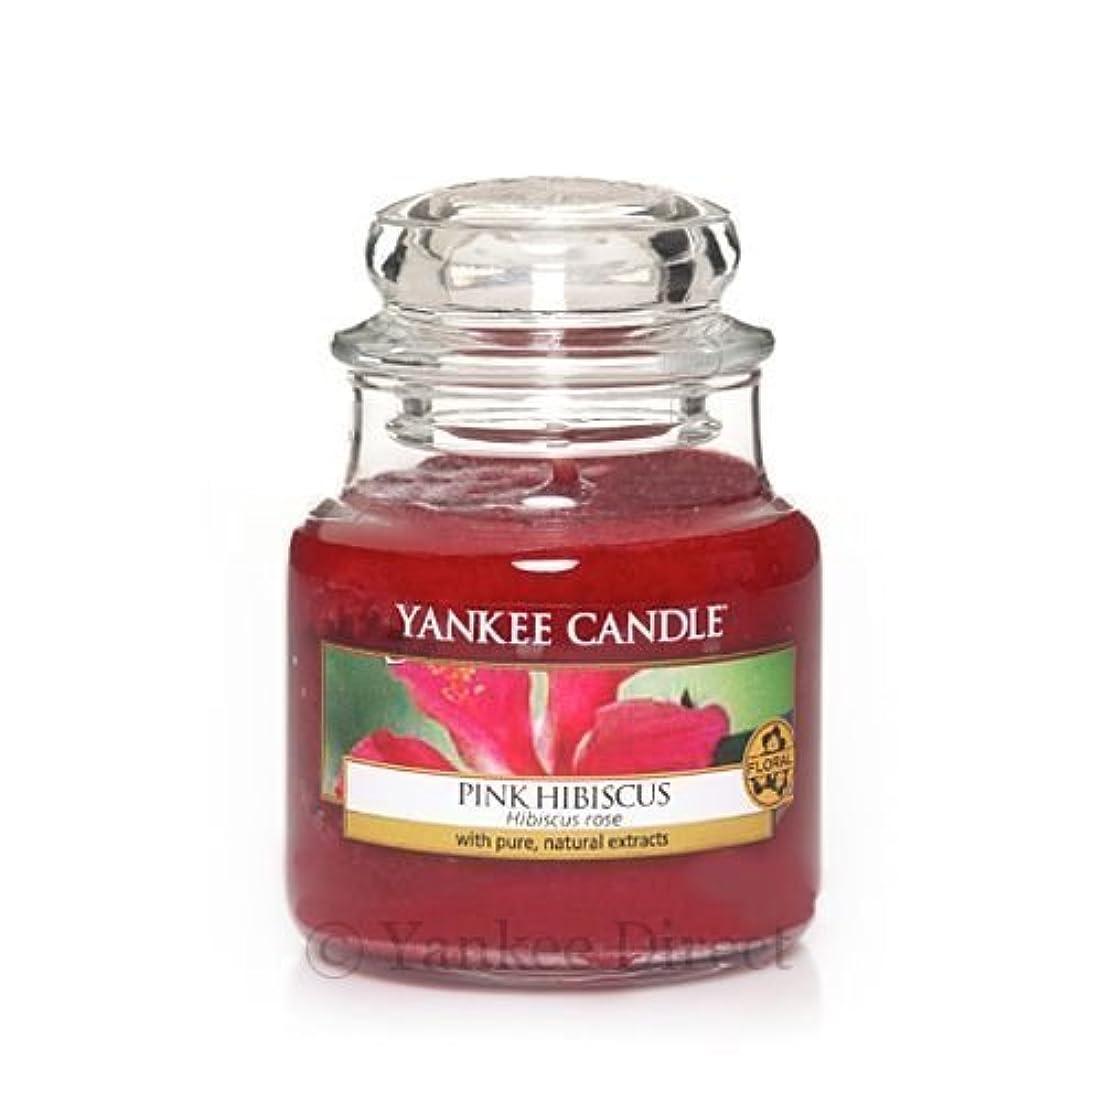 スタンドナチュラルランプYankee Candle - Pink Hibiscus Small 3.7oz Jar (NEW Scent for 2014!) by Yankee Candle [並行輸入品]